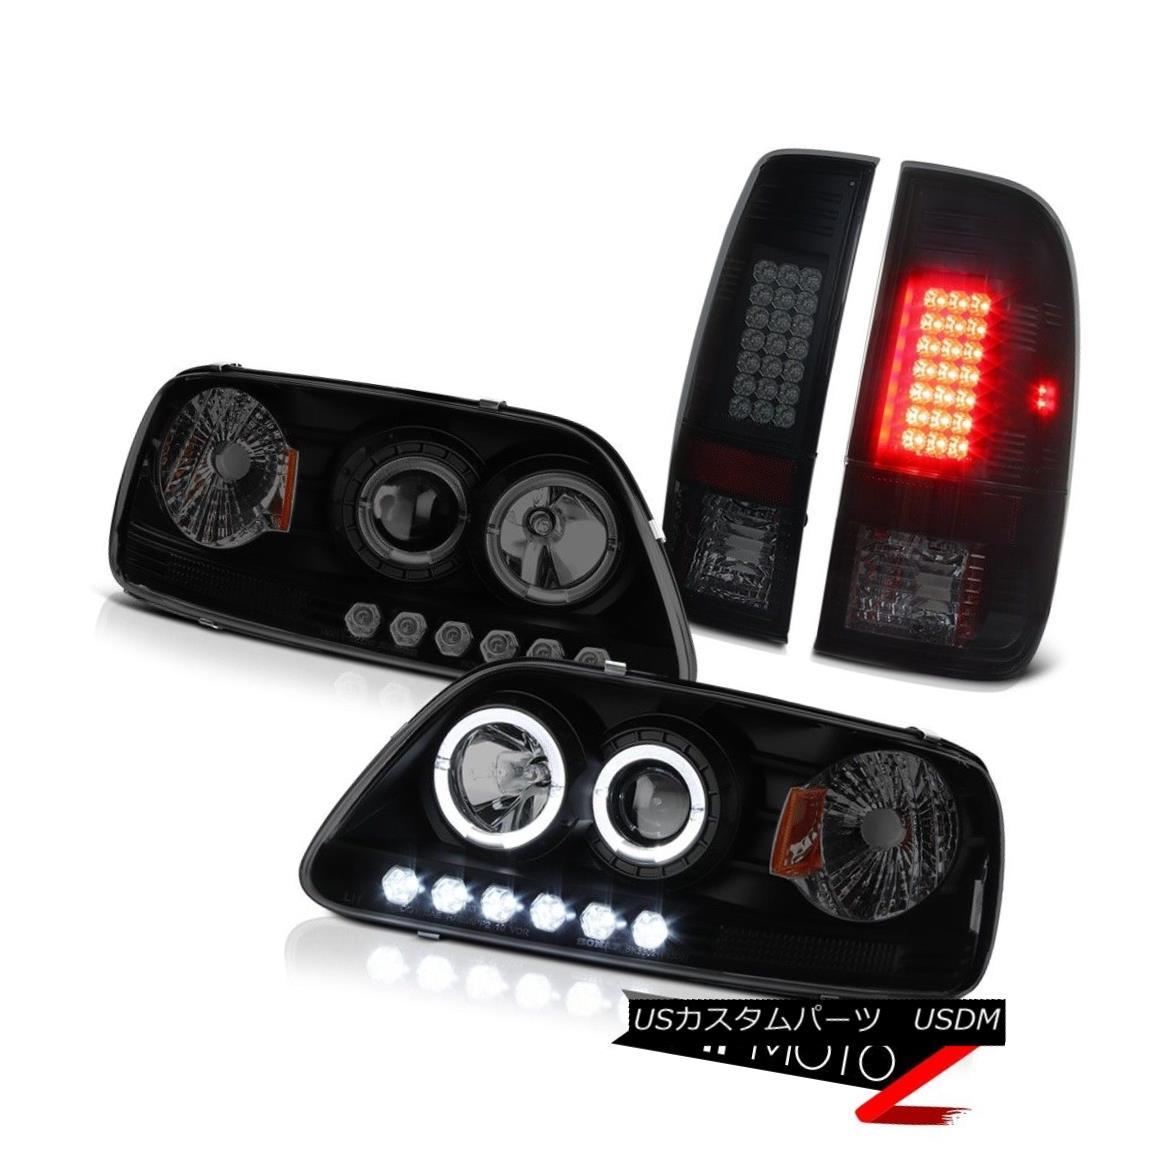 テールライト Headlight Dual Halo Projector LED Bulbs 97-03 F150 Lariat Signal SMD Tail Lights ヘッドライトデュアルヘイロープロジェクターLED電球97-03 F150 Lariat信号SMDテールライト